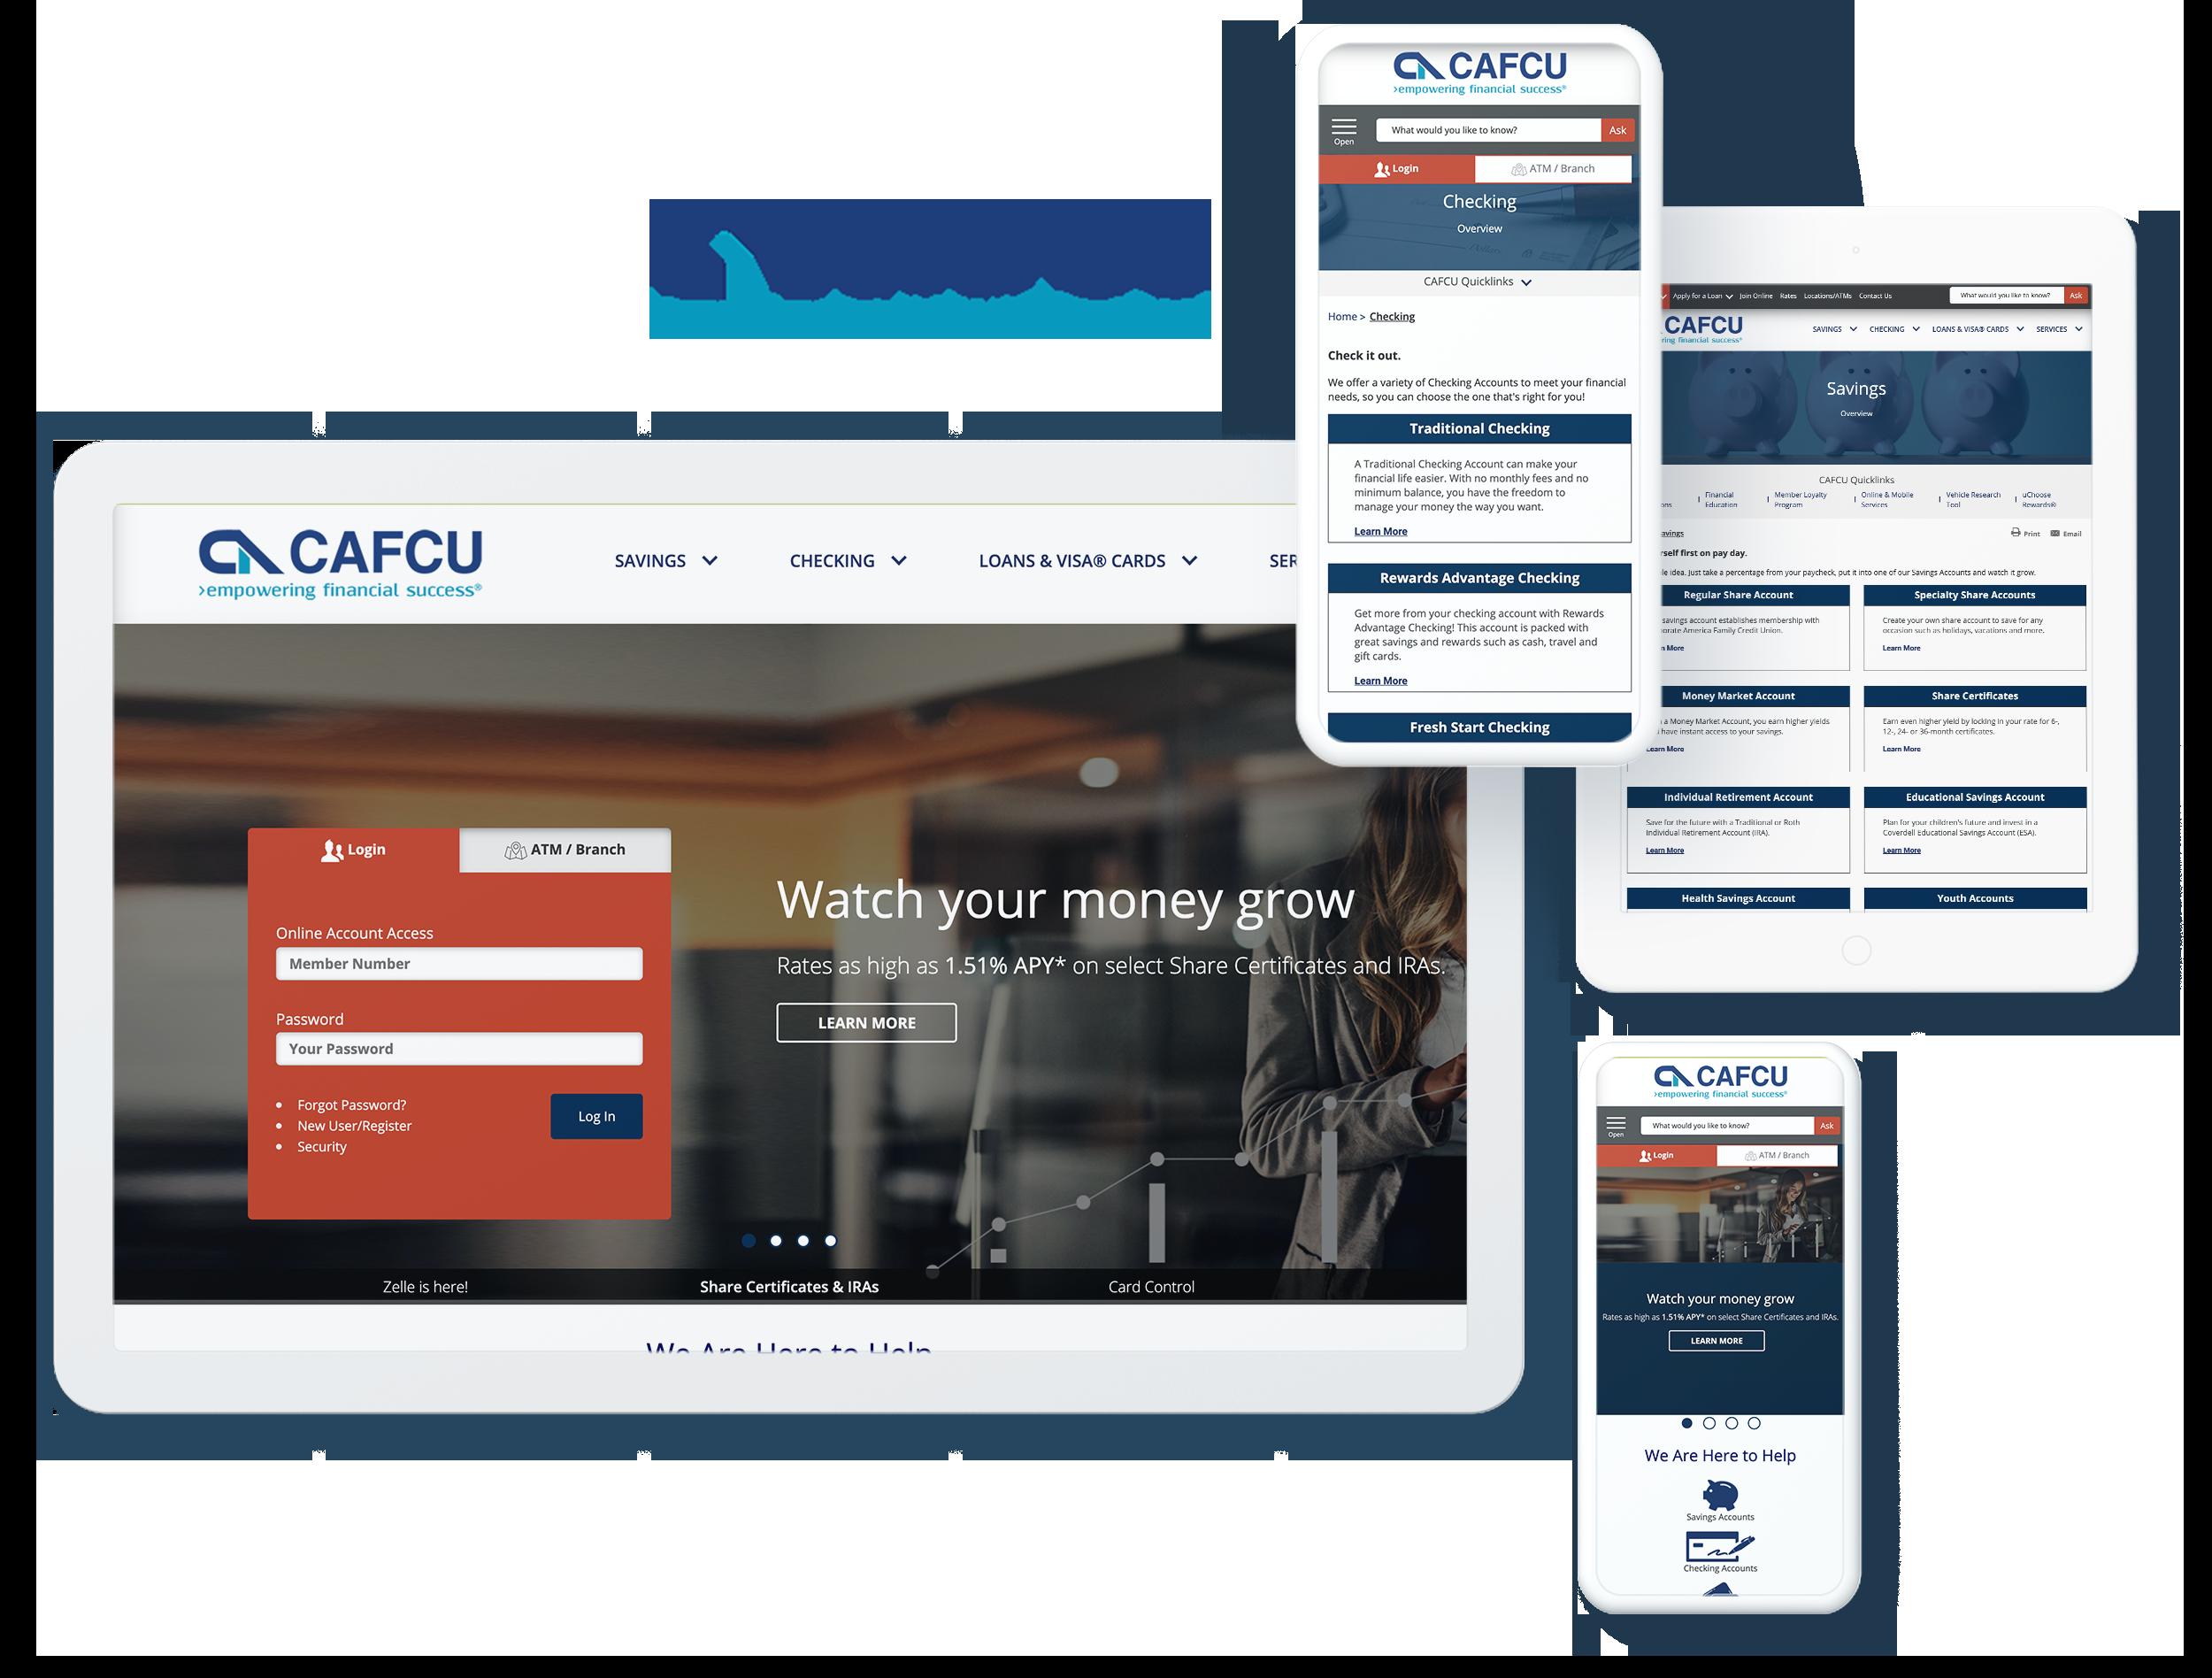 cafcu spotlight